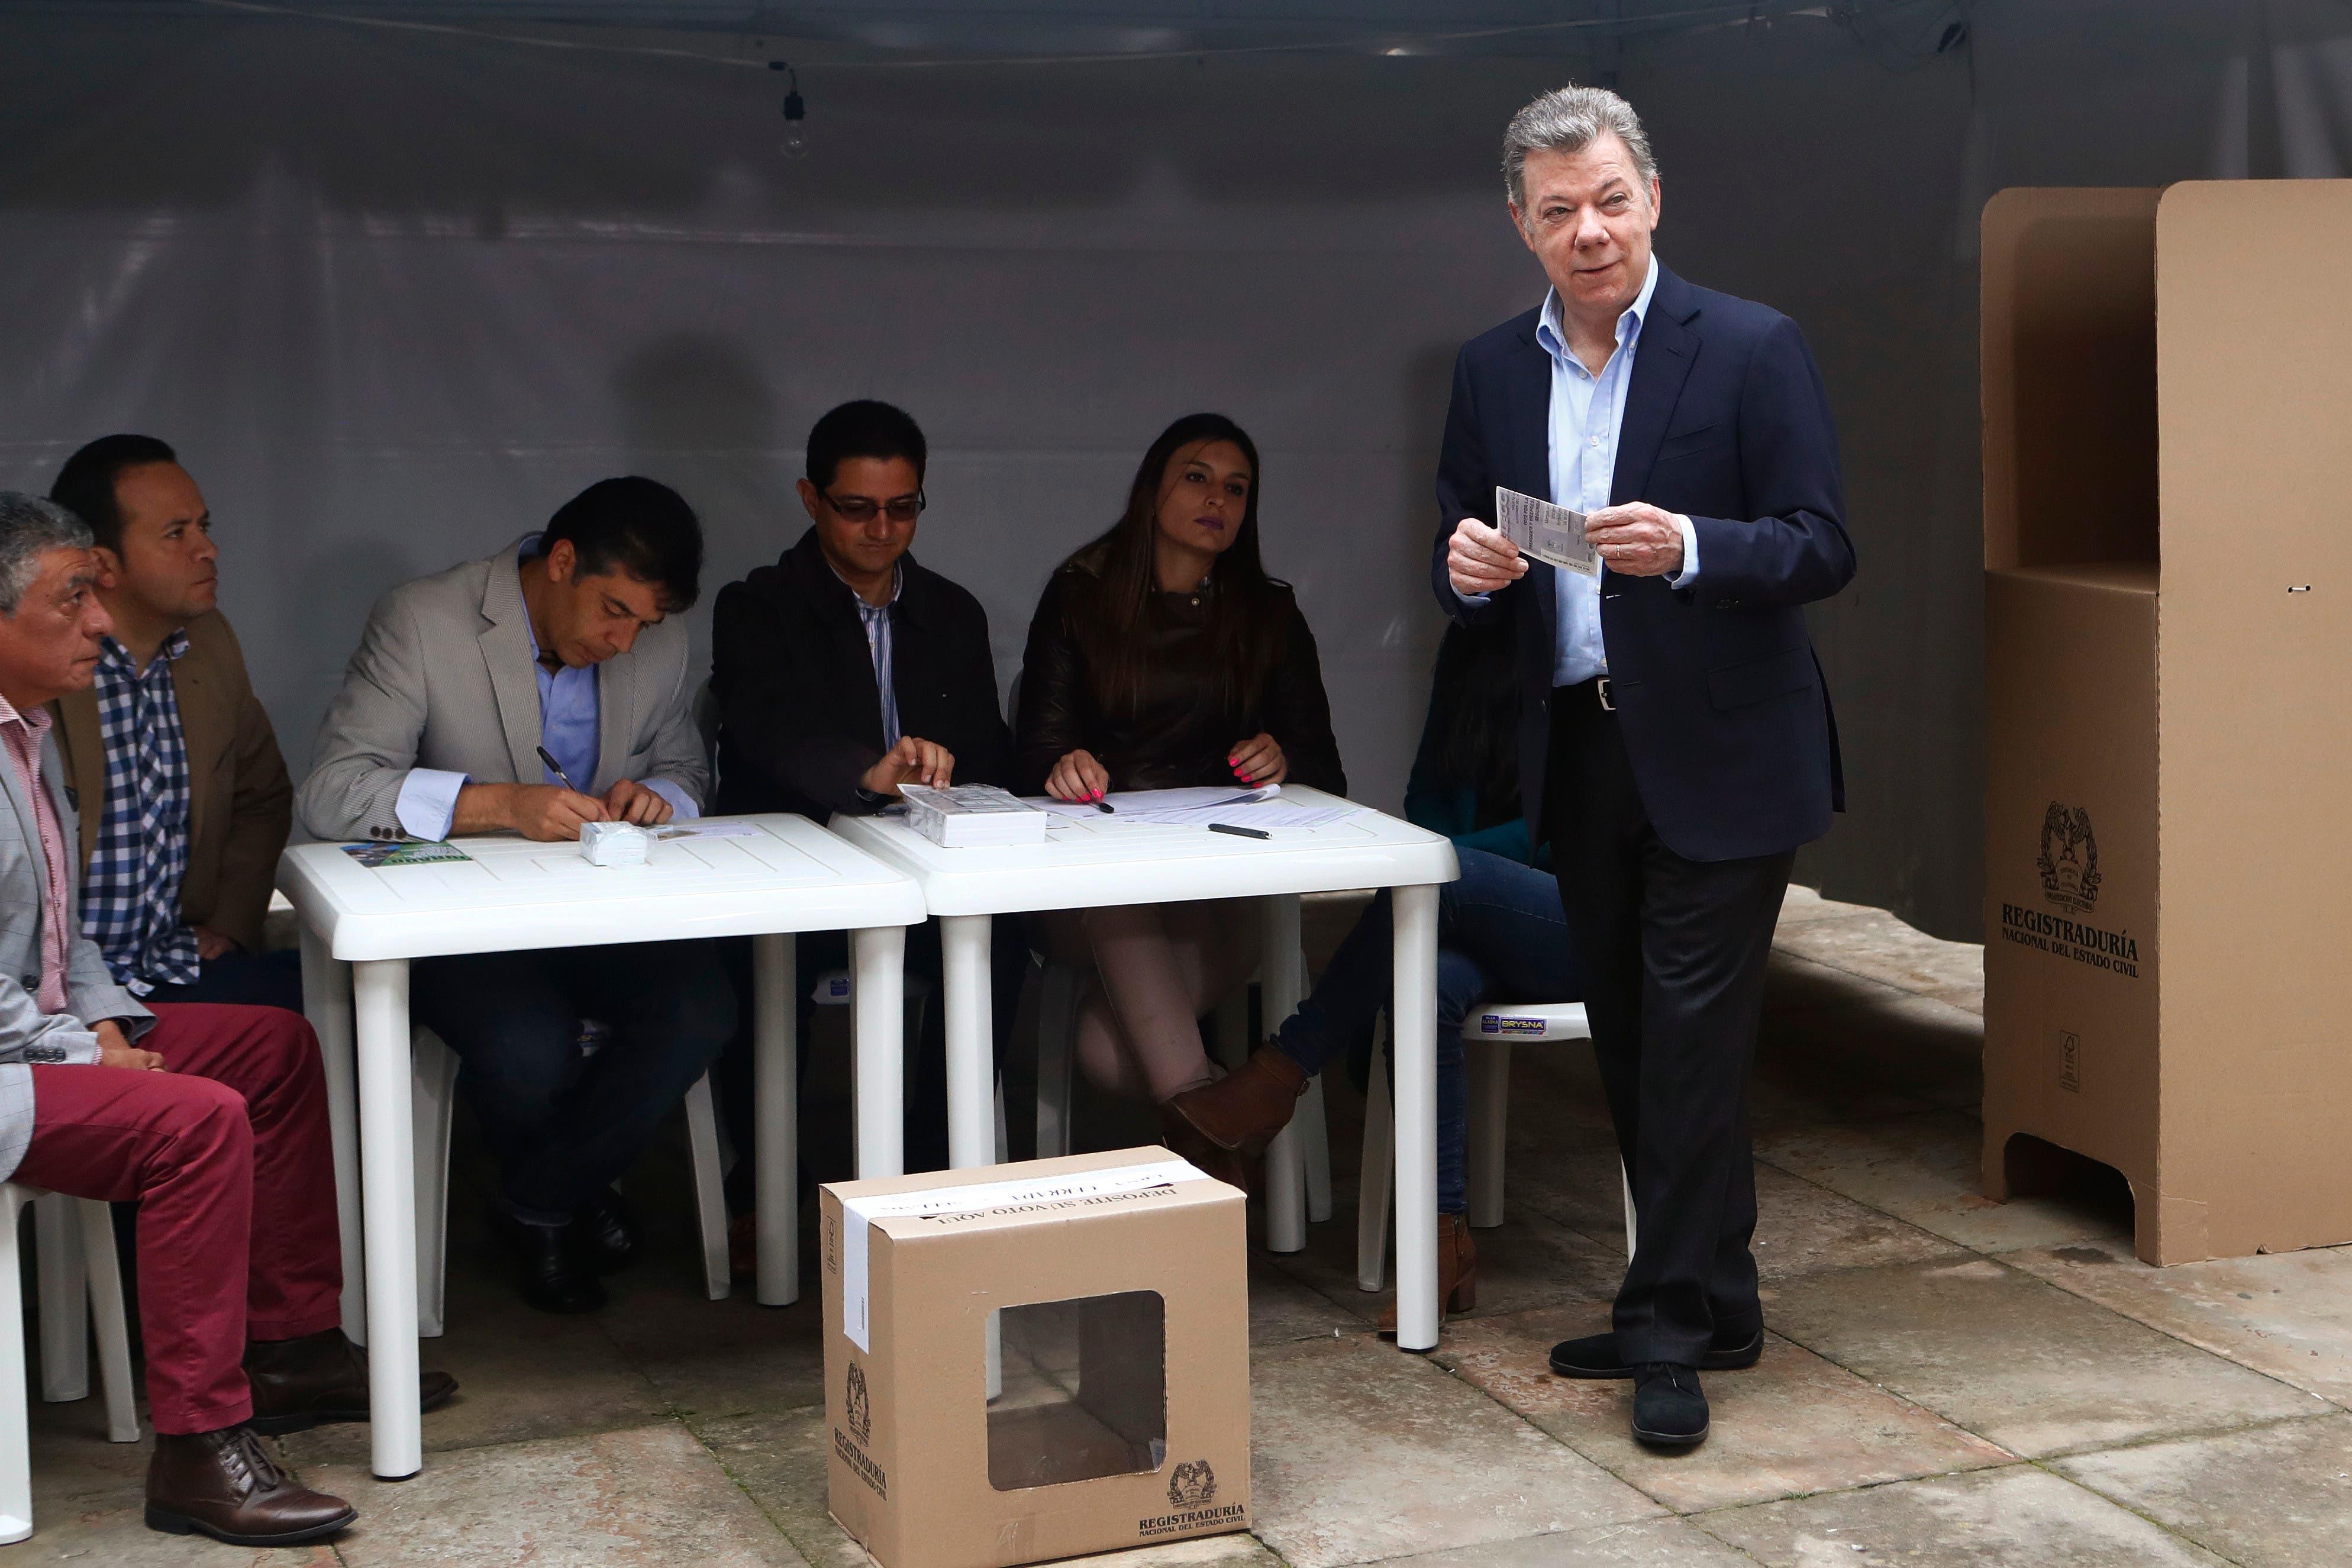 El presidente de Colombia Juan Manuel Santos se prepara para votar durante una segunda vuelta presidencial en Bogotá Colombia el domingo 17 de junio de 2018. Los votantes elegirán entre Ivan Duque un joven legislador conservador y Gustavo Petro